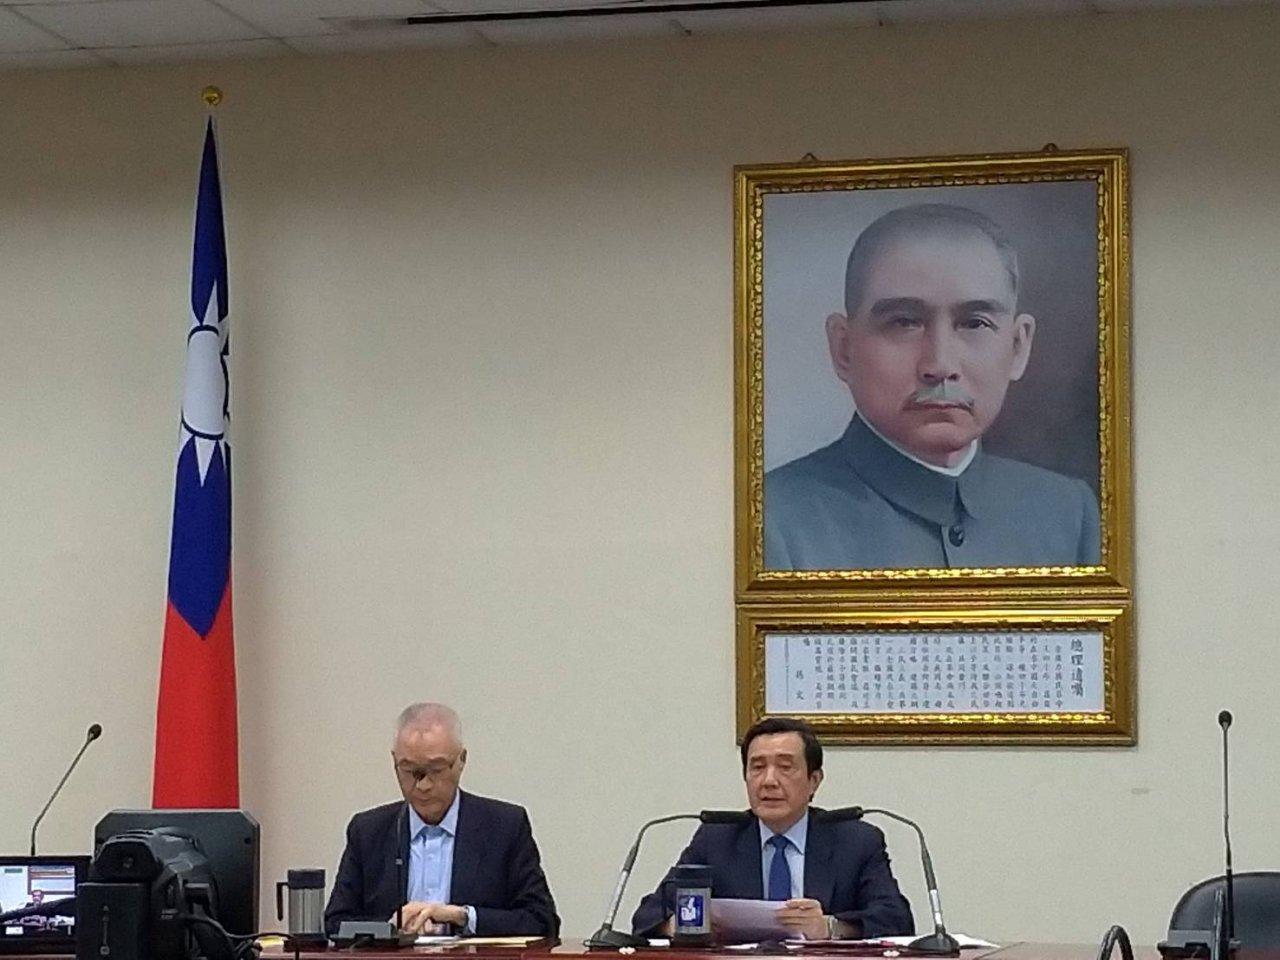 境管遭延2年馬吳將提申覆 願赴總統府請教蔡總統理由